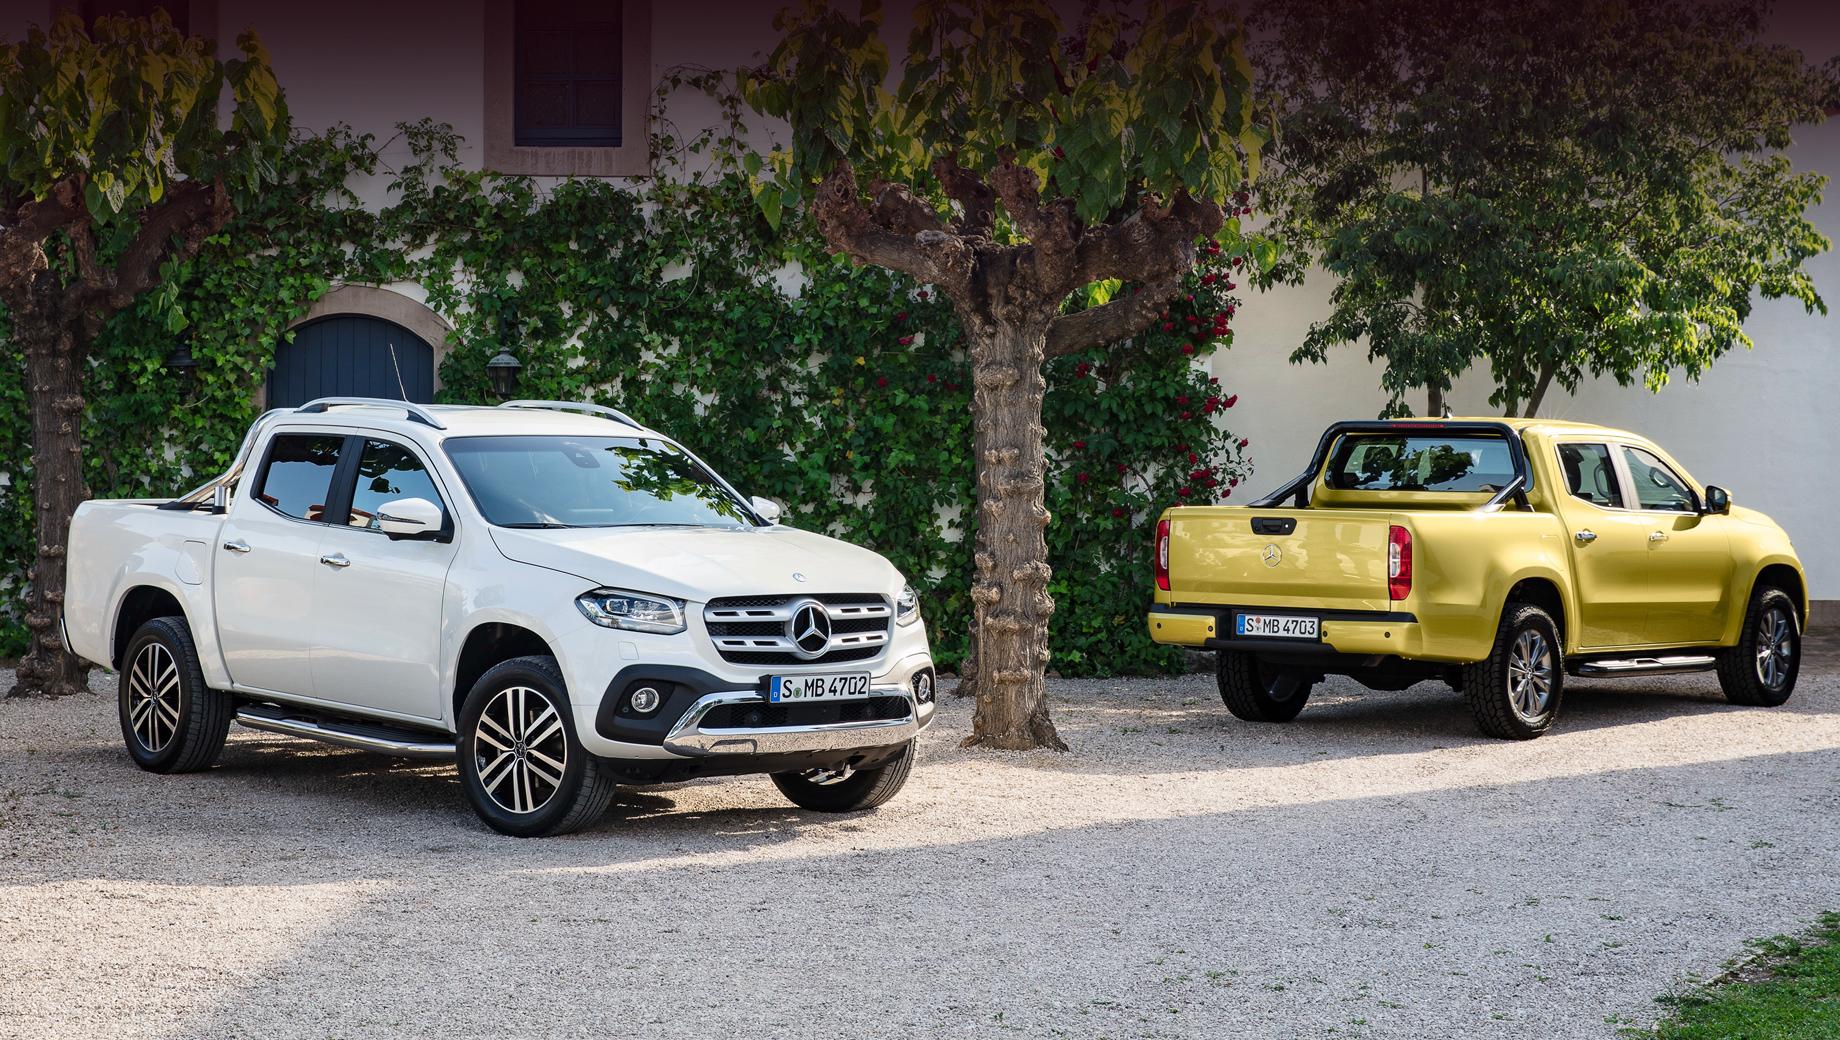 Mercedes x,Mercedes c,Mercedes e,Mercedes glc. В 2019 году в России продано 547 экземпляров X-класса, а за январь–июль 2020-го — 236. Вообще же в мире X-класс особой популярностью не пользовался. В лучший для модели 2018 год по свету разошлось 16 700 машин, а в 2019-м — только 15 300.